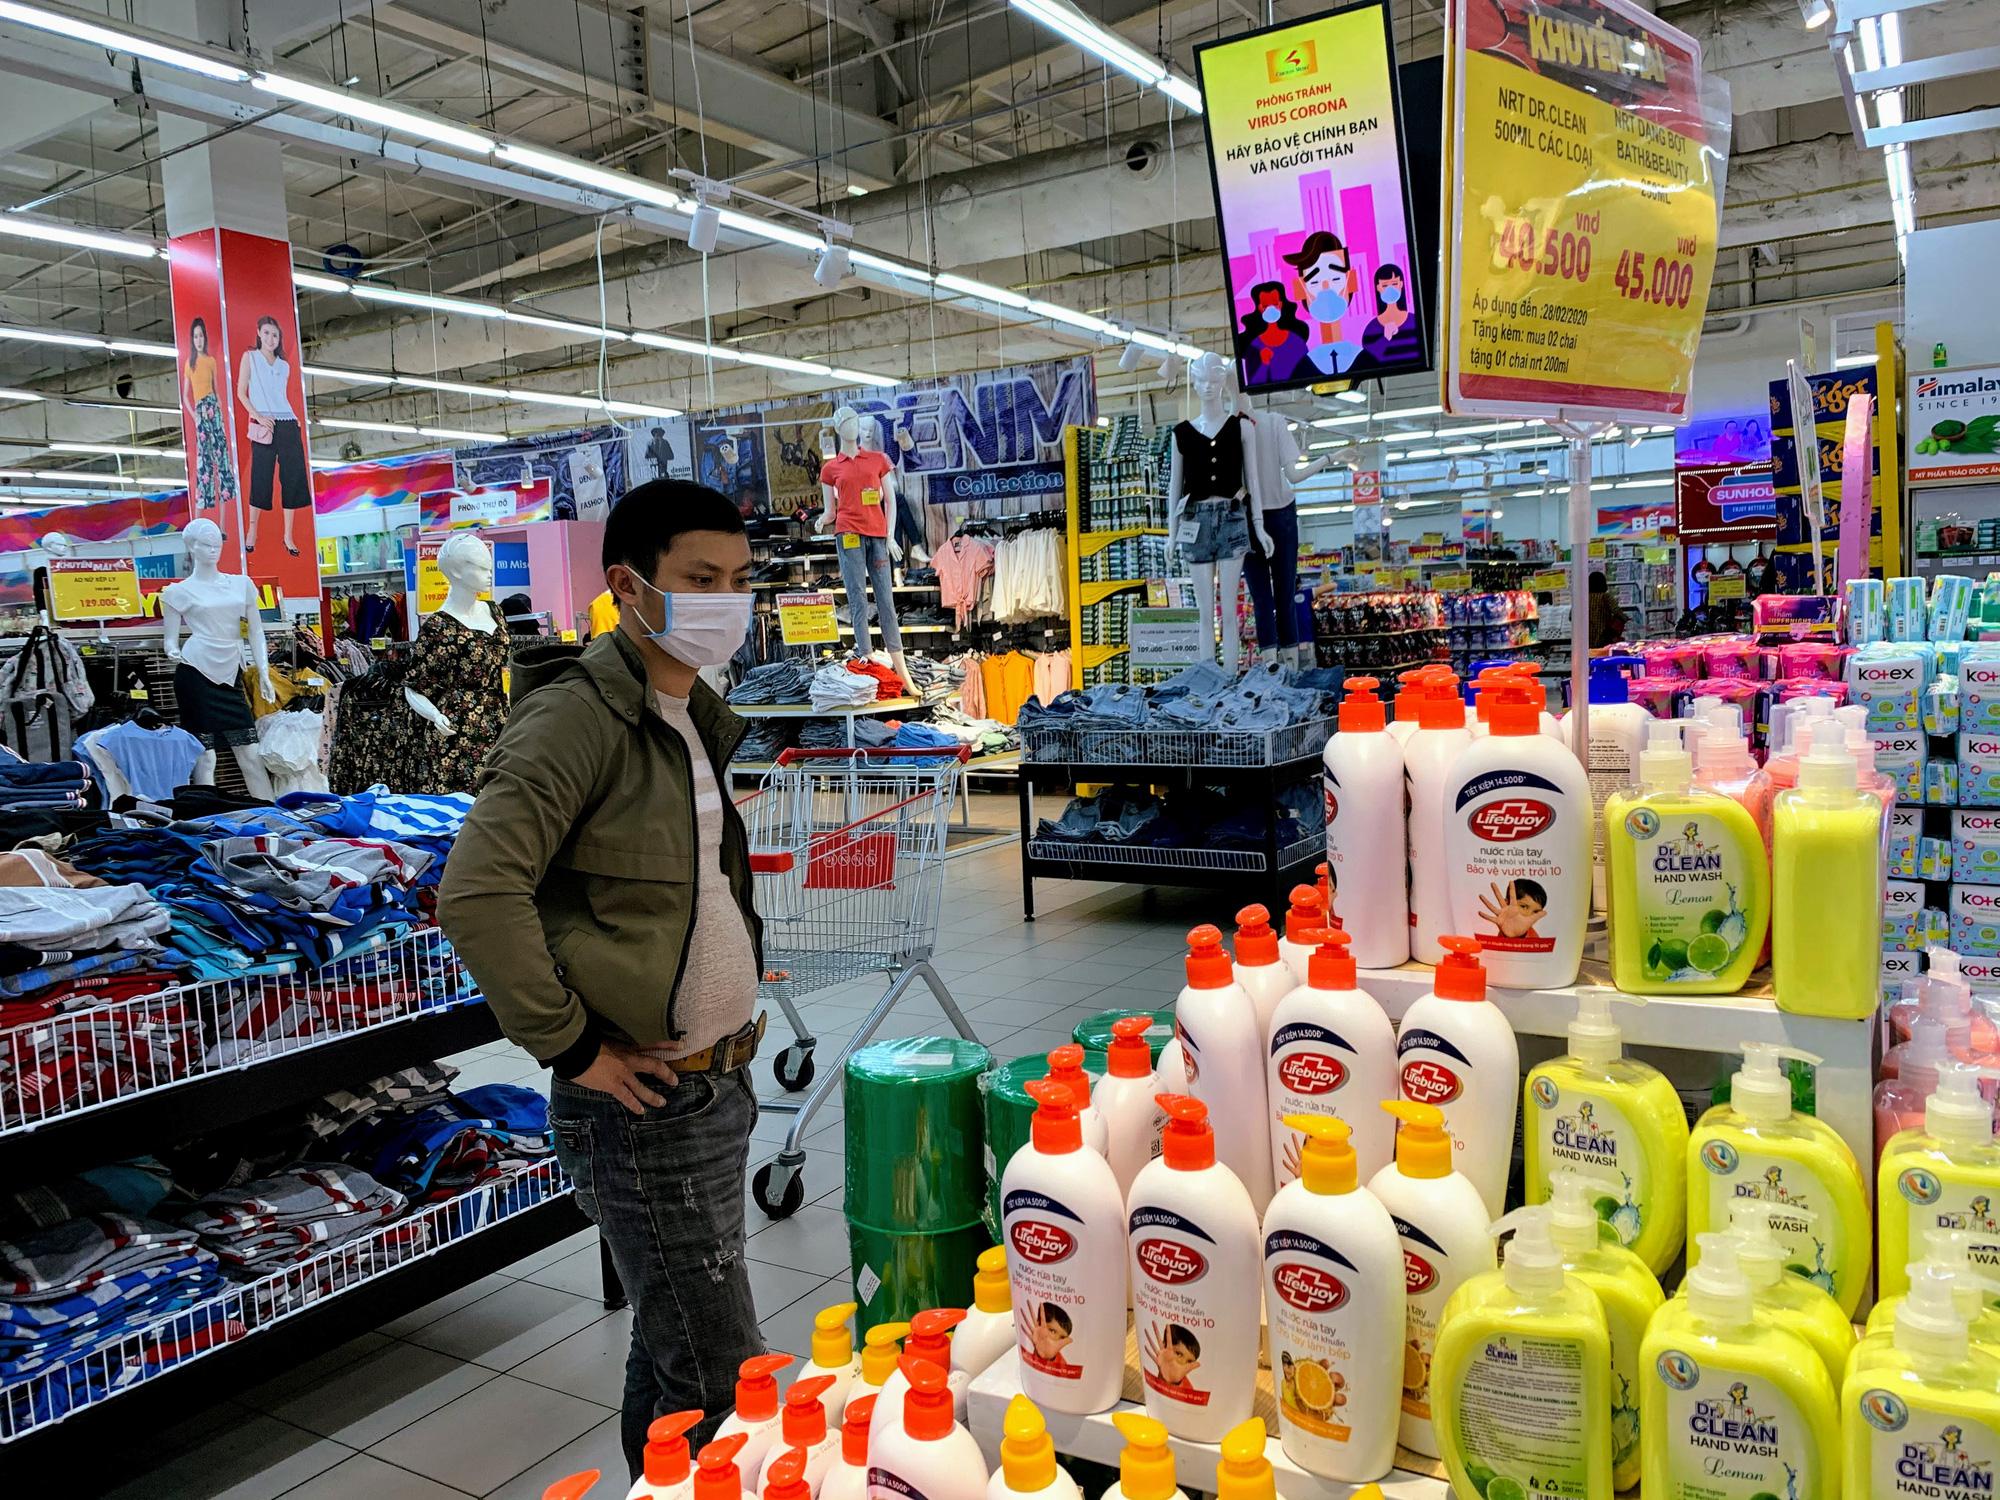 Ma trận nước rửa tay, gel sát khuẩn tại các siêu thị ở Hà Nội làm khó người tiêu dùng - Ảnh 8.